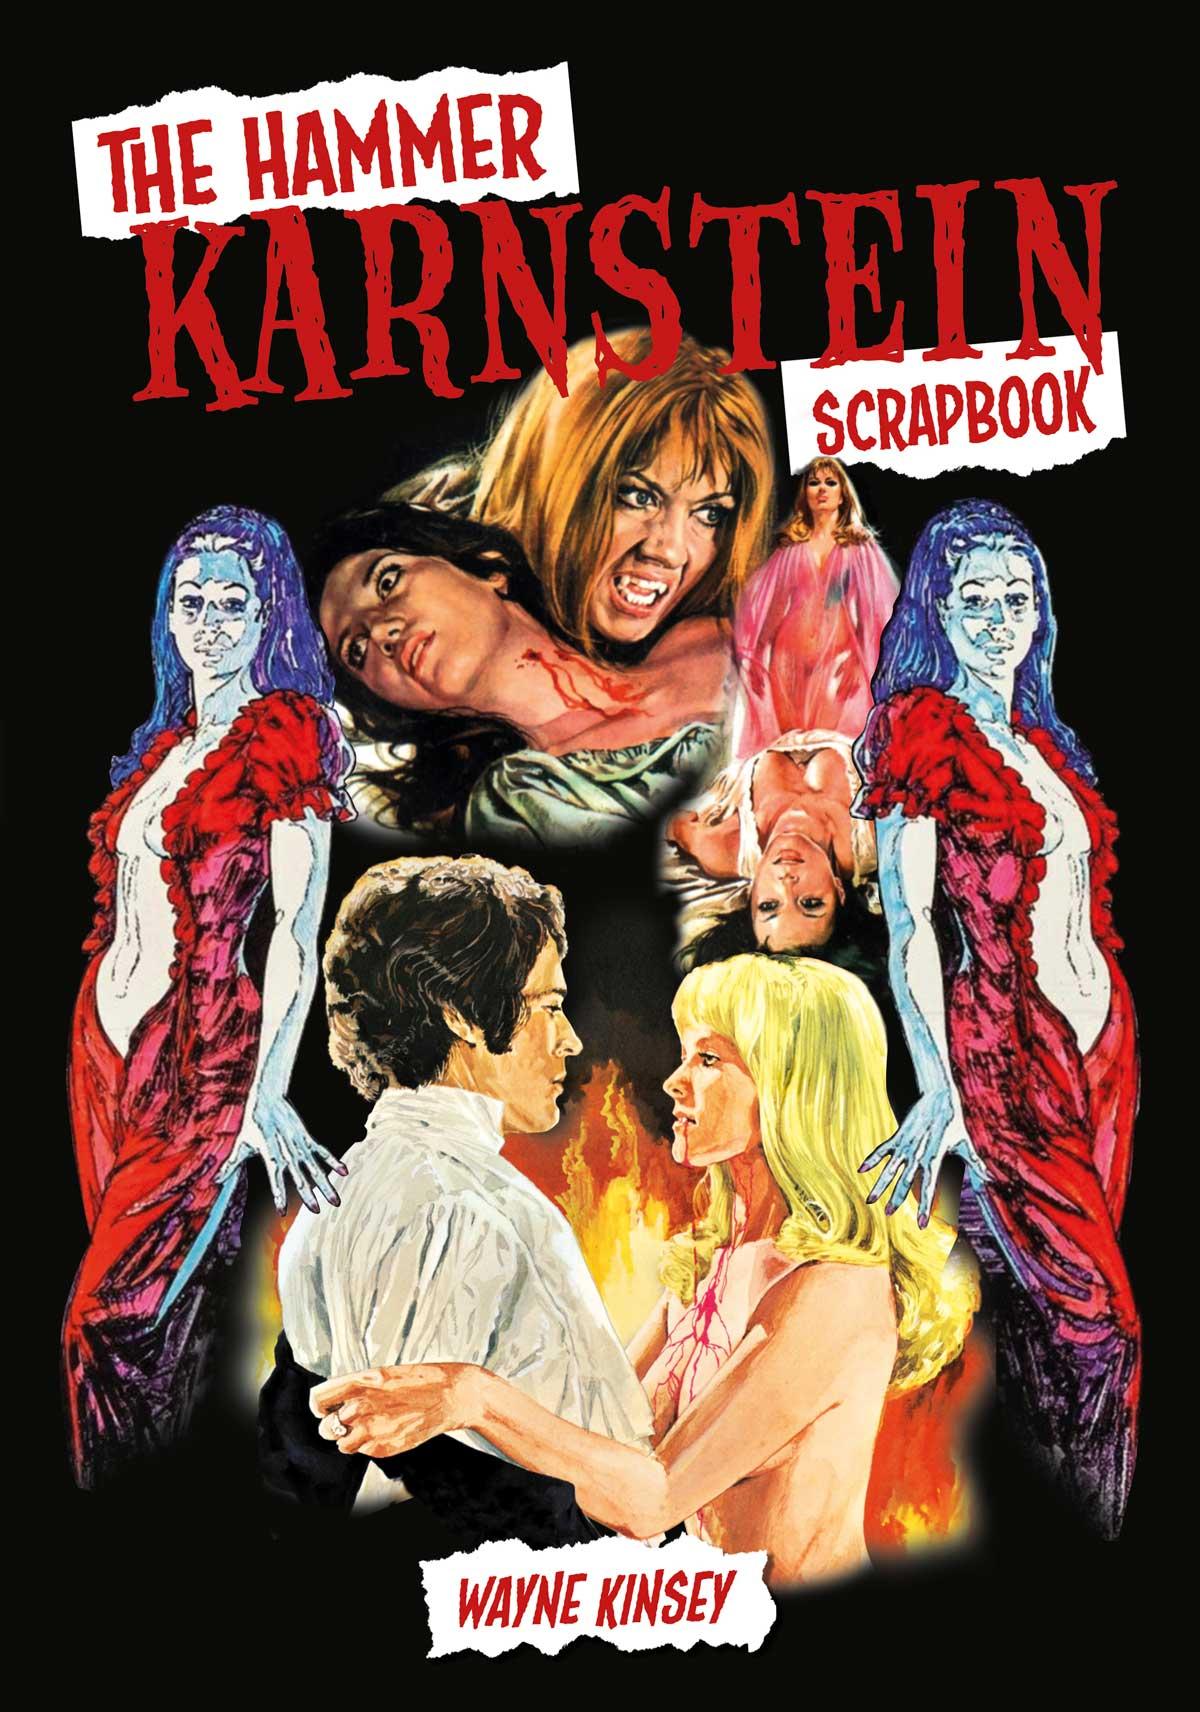 Hammer Karnstein Scrapbook